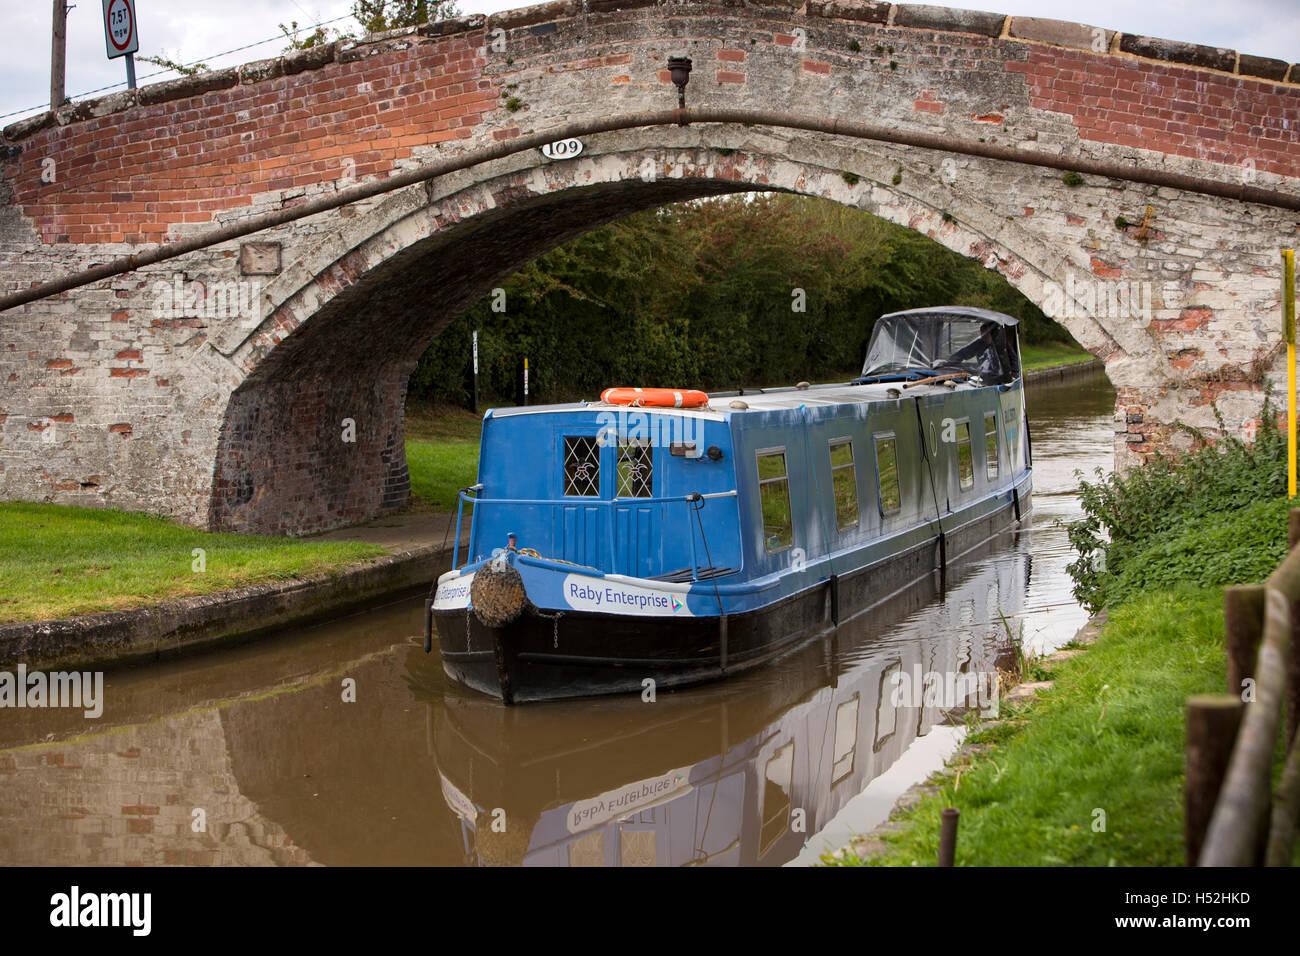 UK, England, Cheshire, Beeston, Bate's Mill Bridge, Autism Together's Raby Enterprise passenger narrowboat - Stock Image